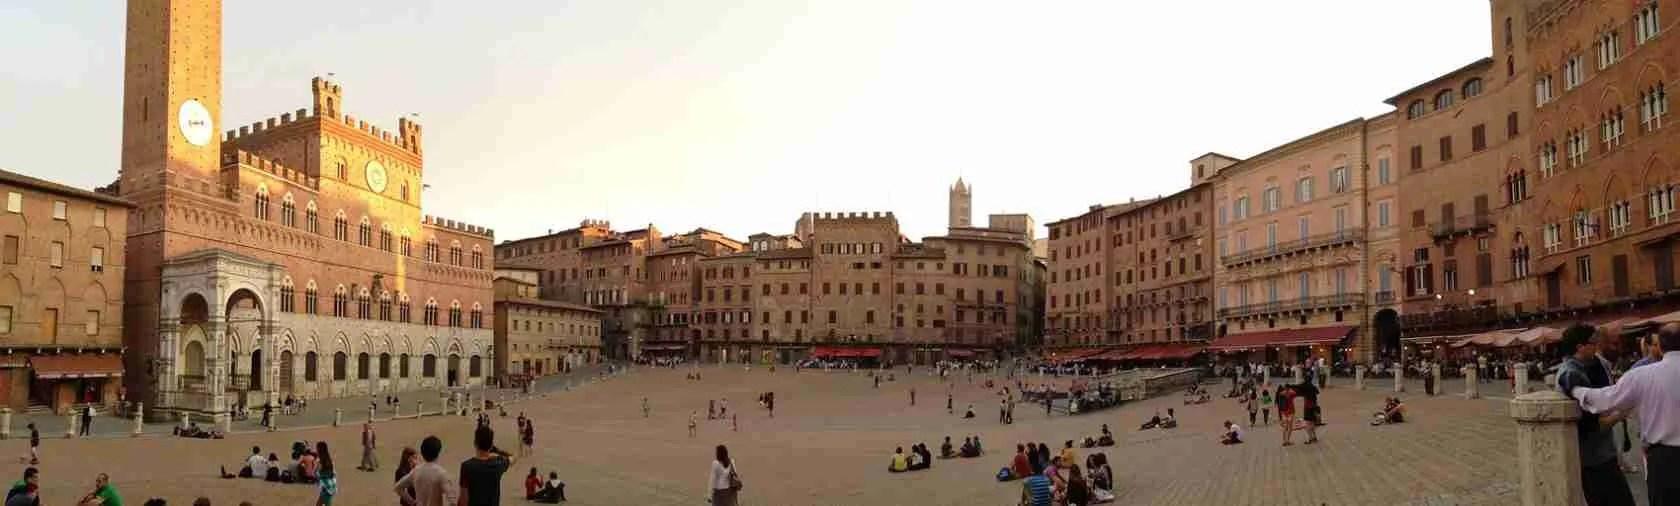 Piazza del Campo a Siena è la meta ideale per una passeggiata con una escort Siena.